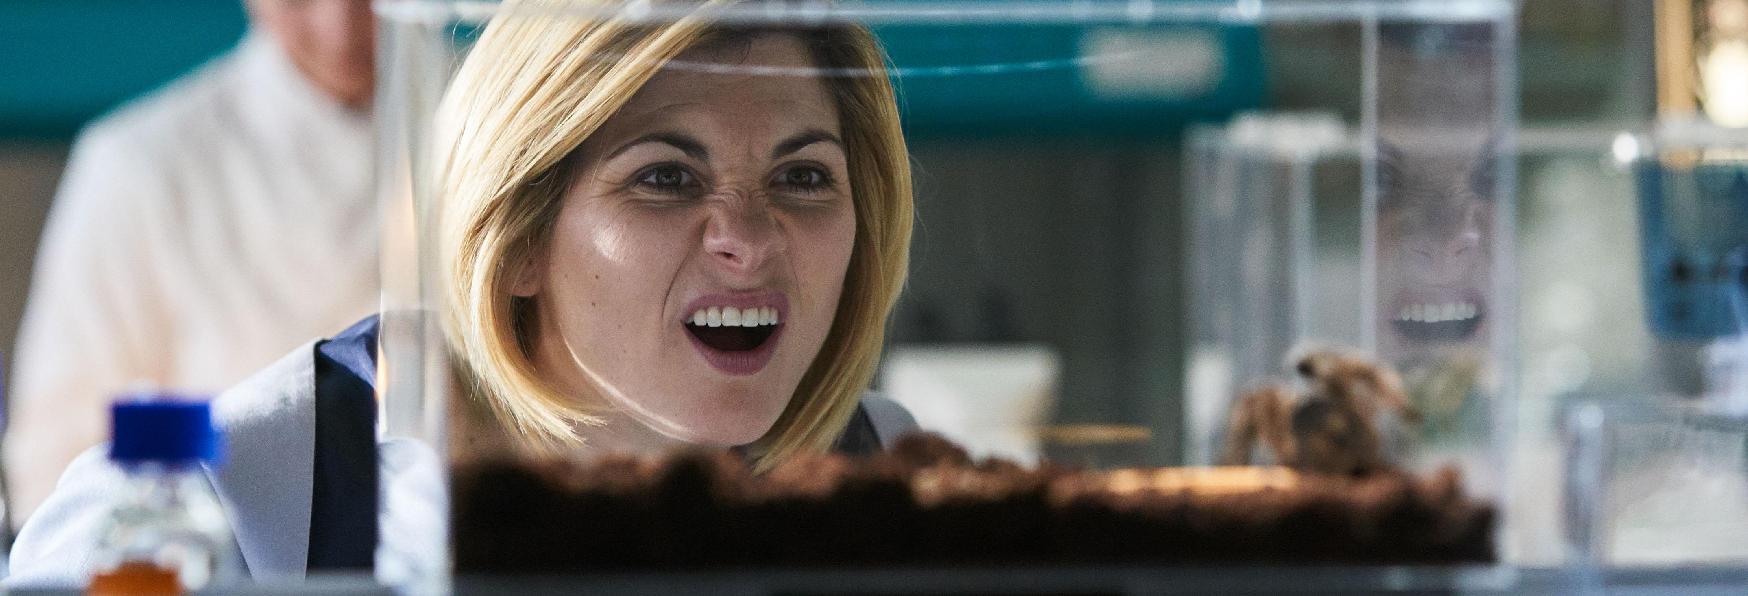 Recensione di Doctor Who 11x04: la Gioia degli Aracnofobici